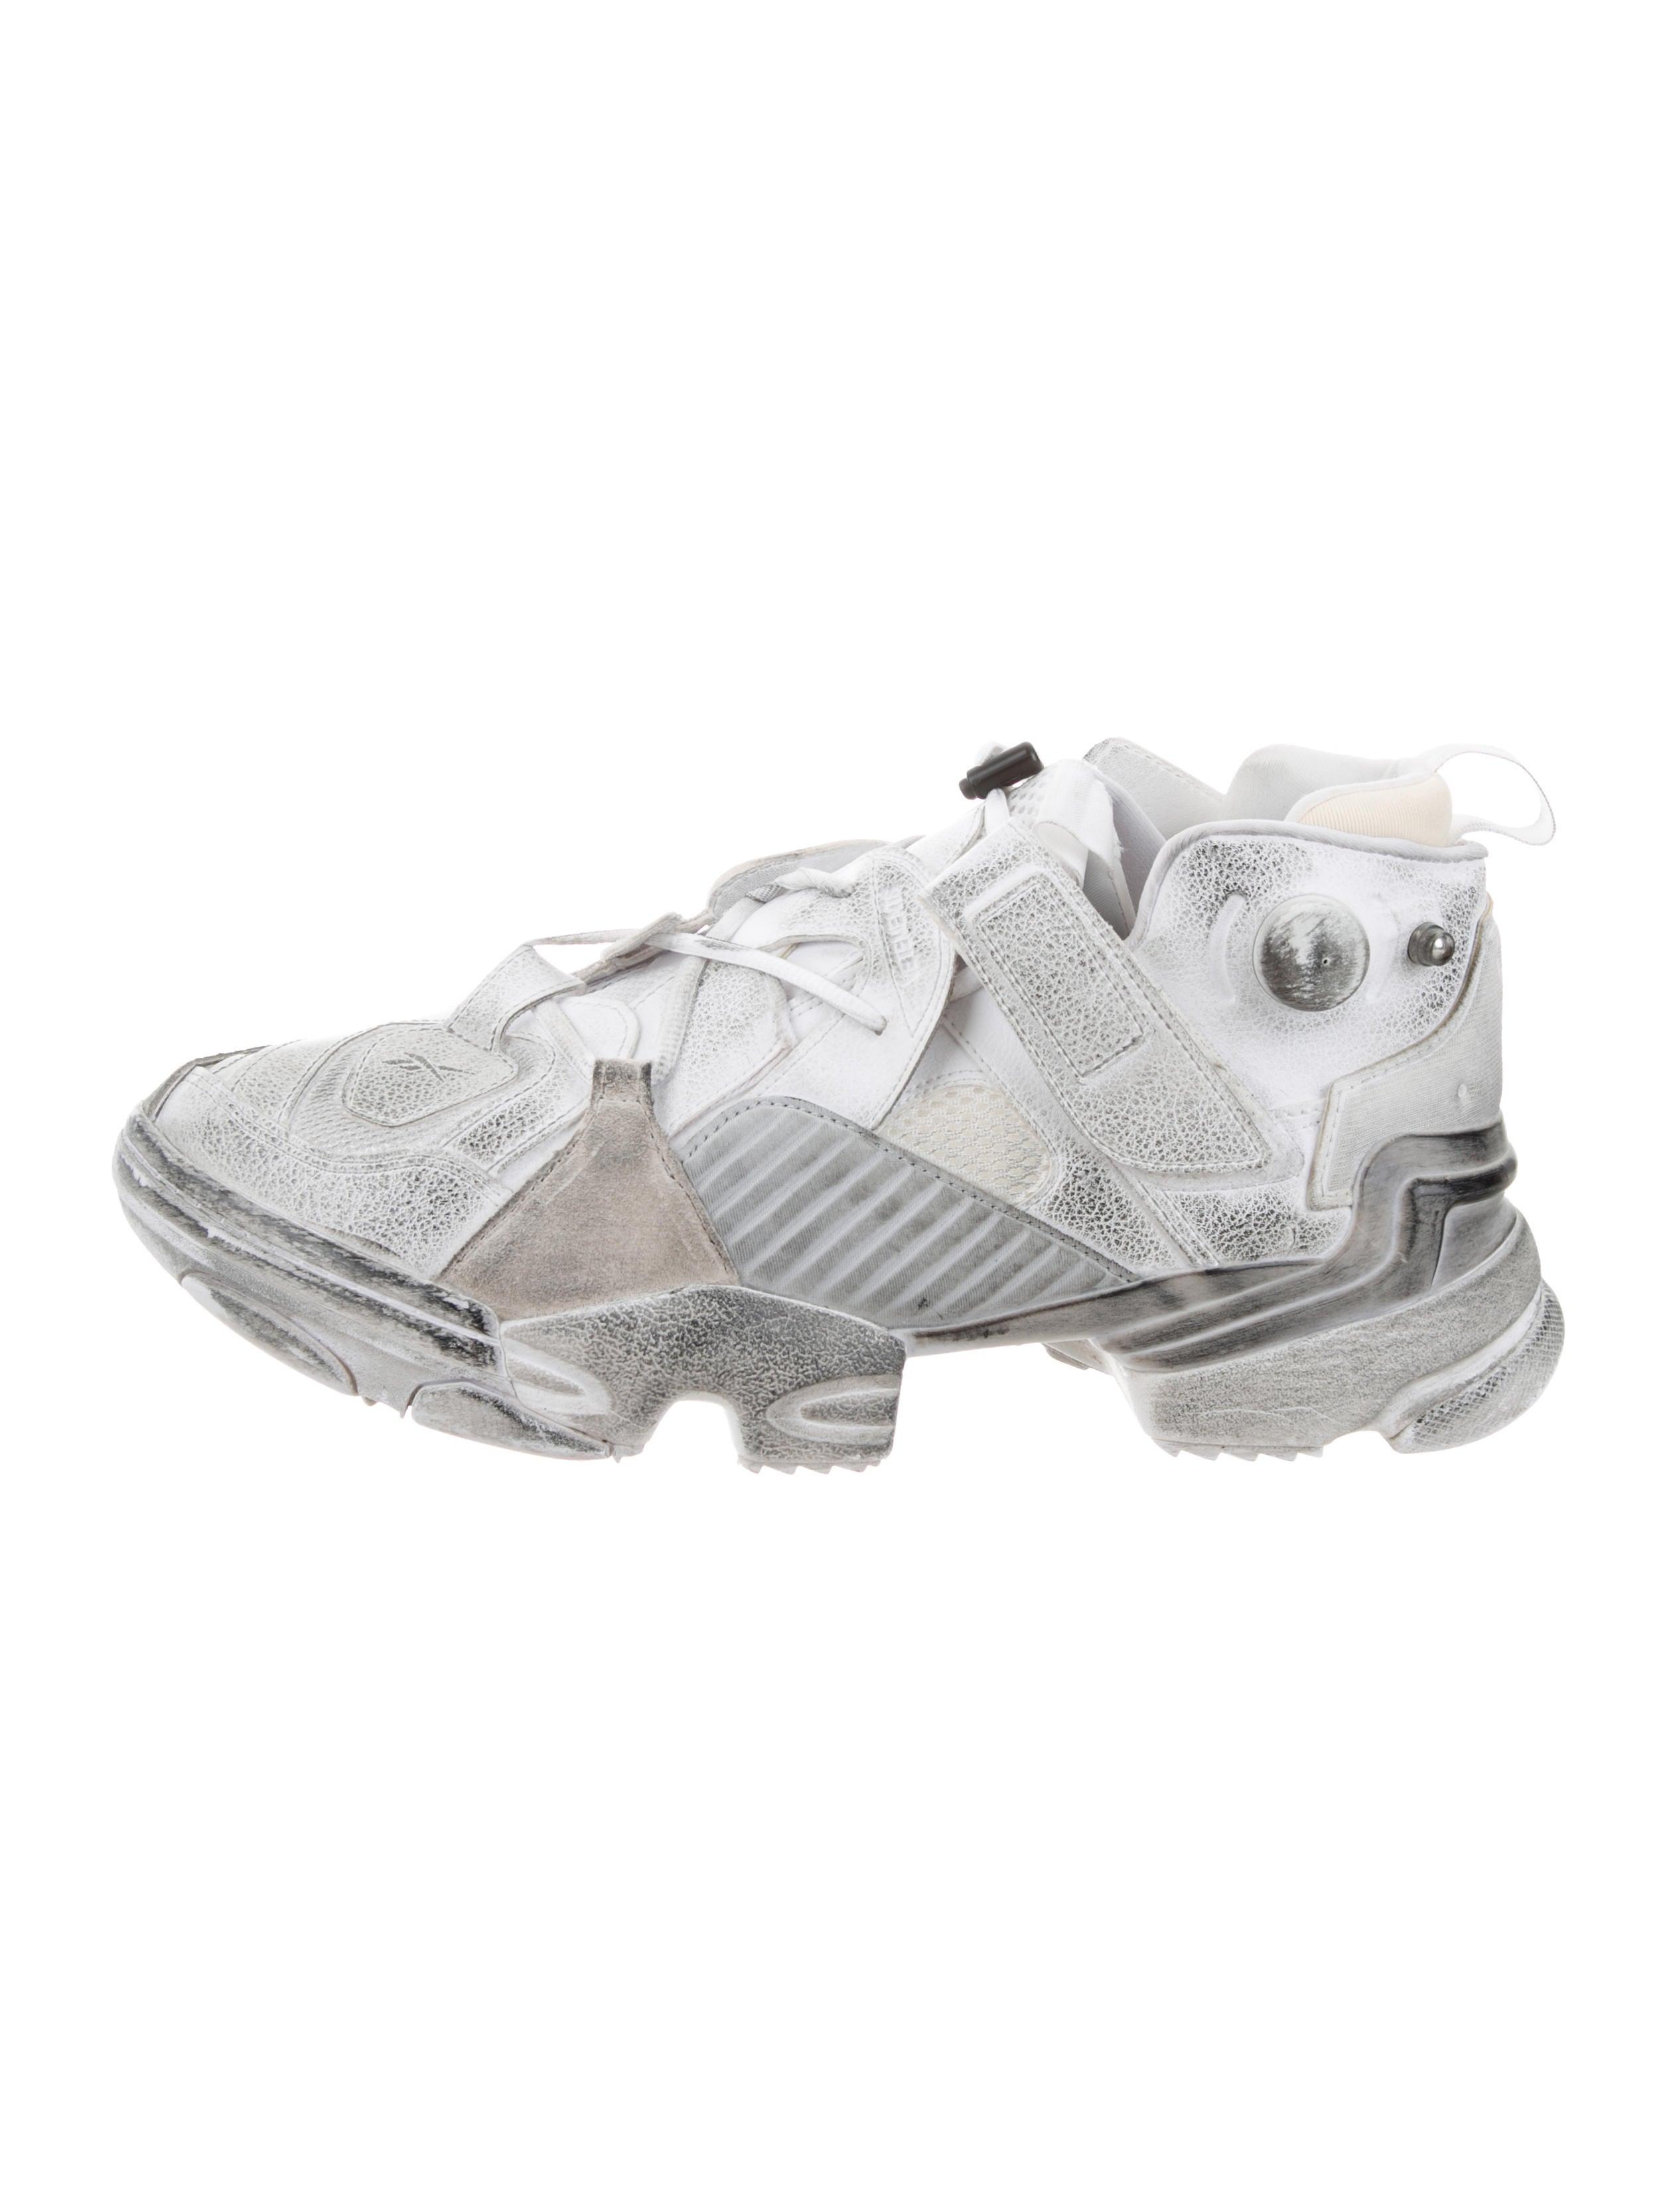 0a24fbdd8534 Vetements x Reebok Genetically Modified Pump Sneakers - Shoes ...